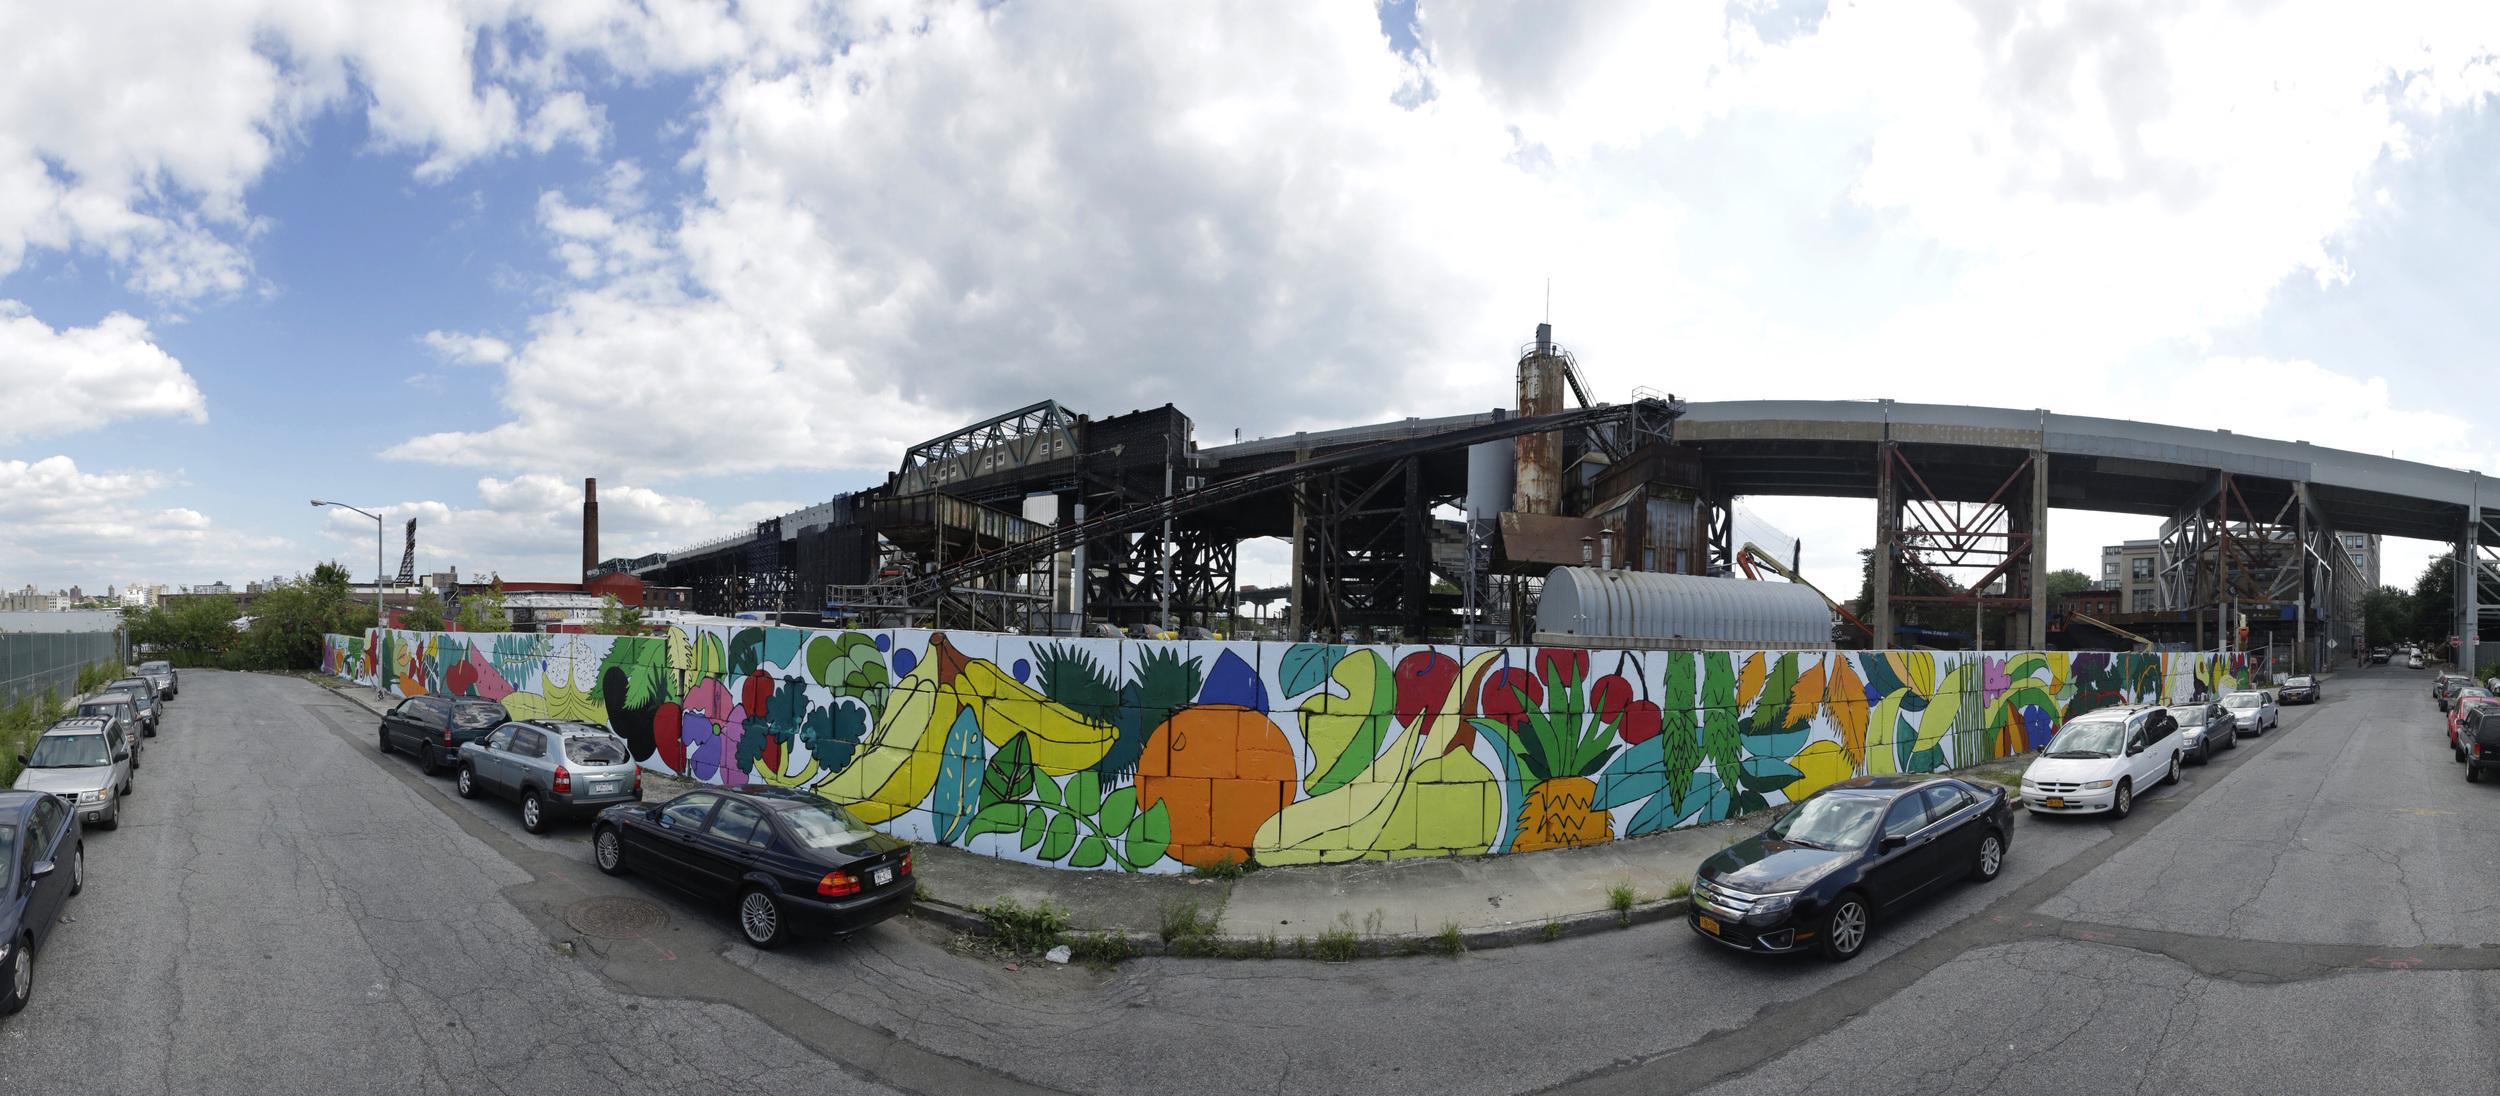 mural@endofday.jpg